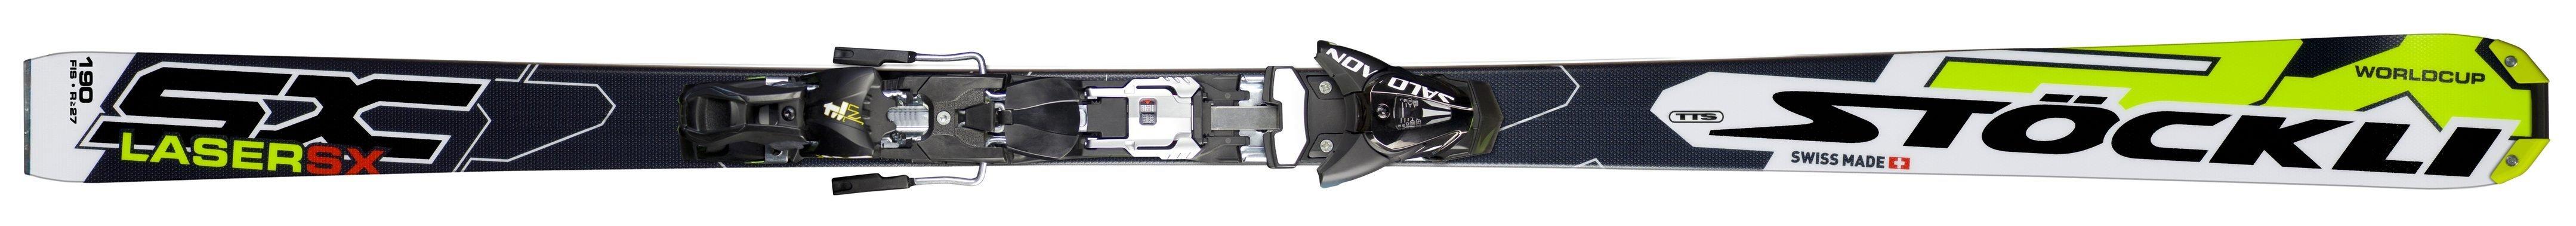 Laser SX FIS